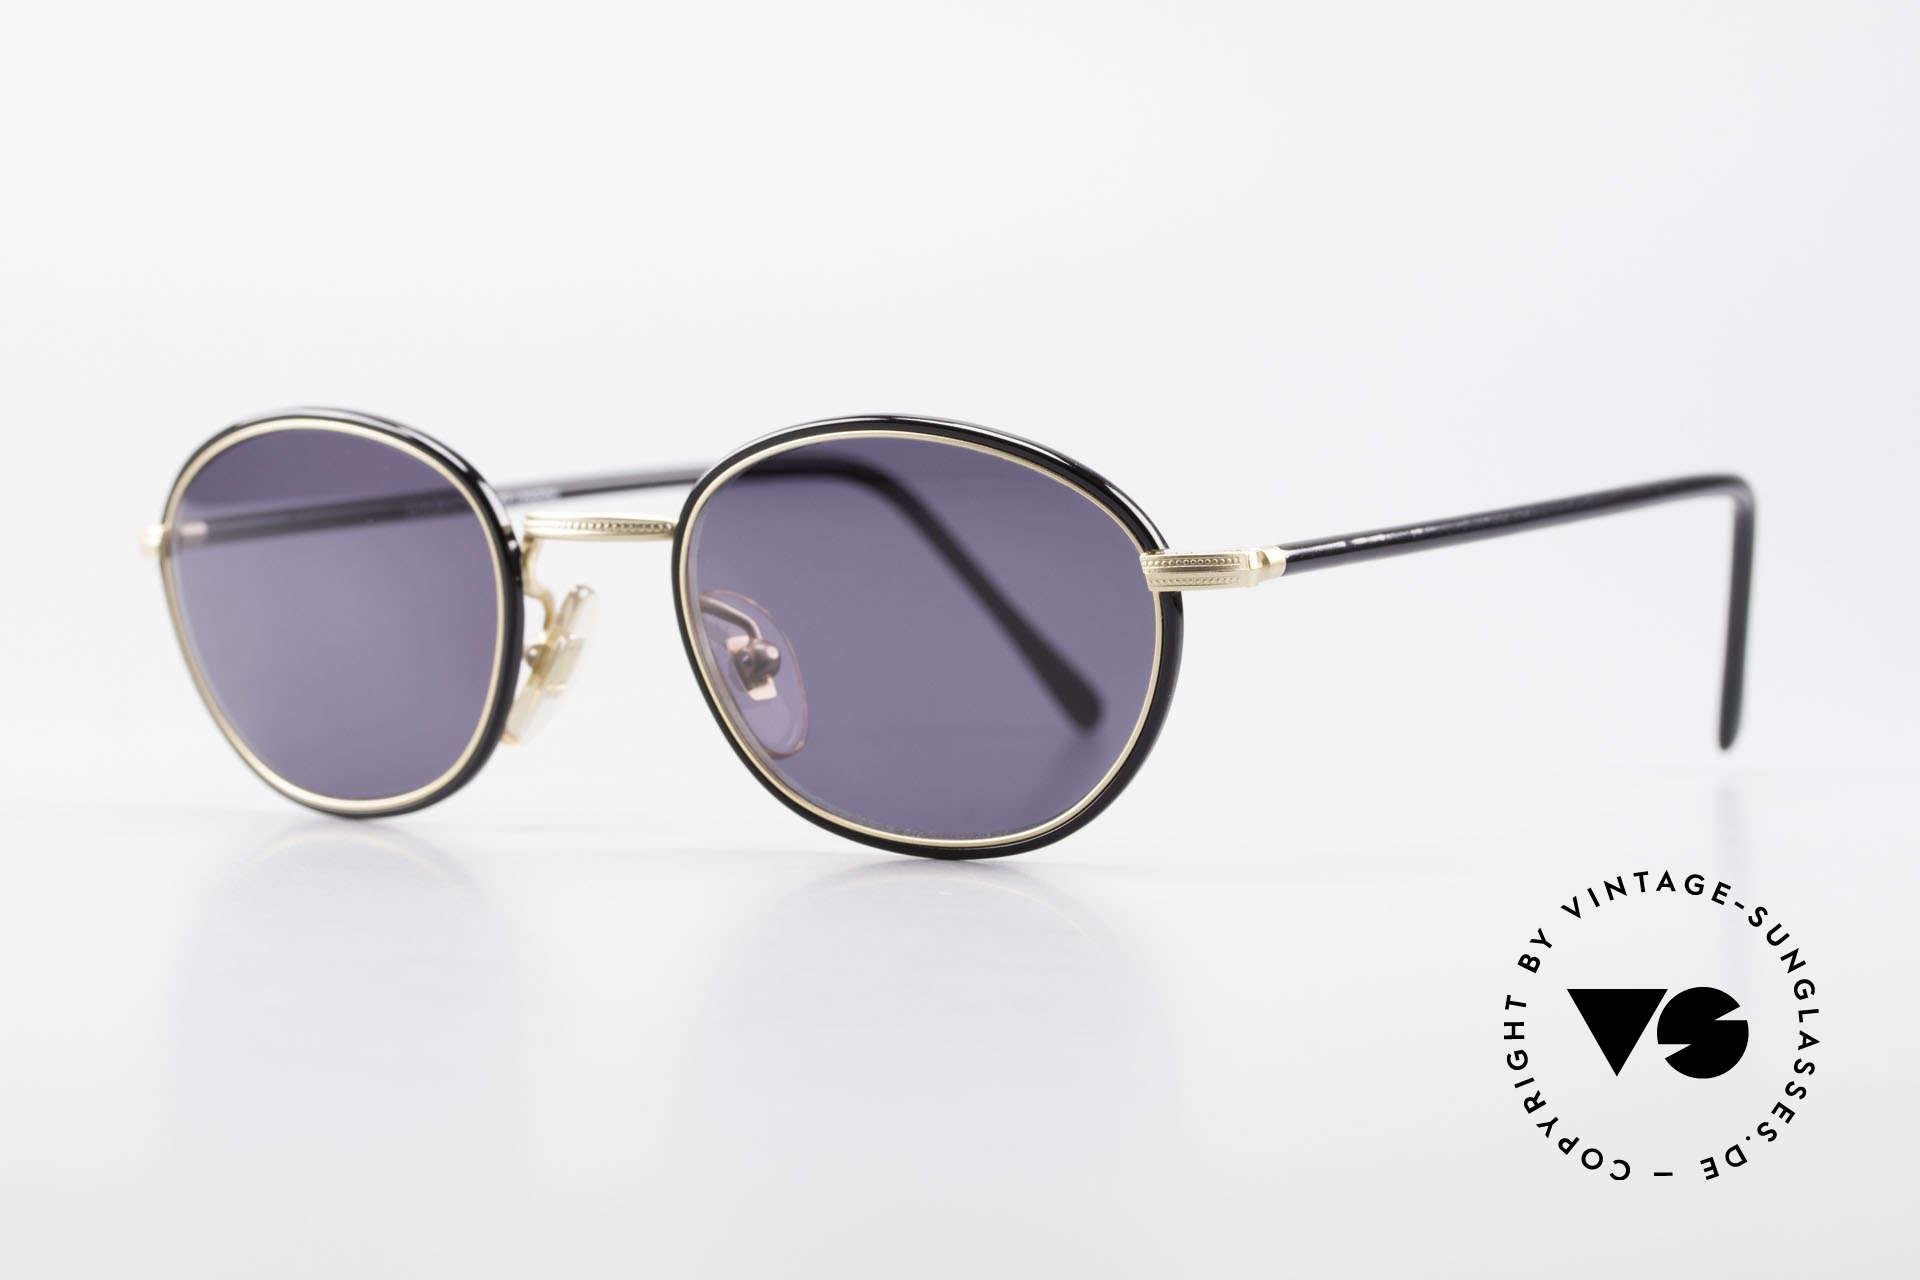 Cutler And Gross 0394 Classic Vintage Sonnenbrille, stilvoll & unverwechselbar; auch ohne pompöse Logos, Passend für Herren und Damen